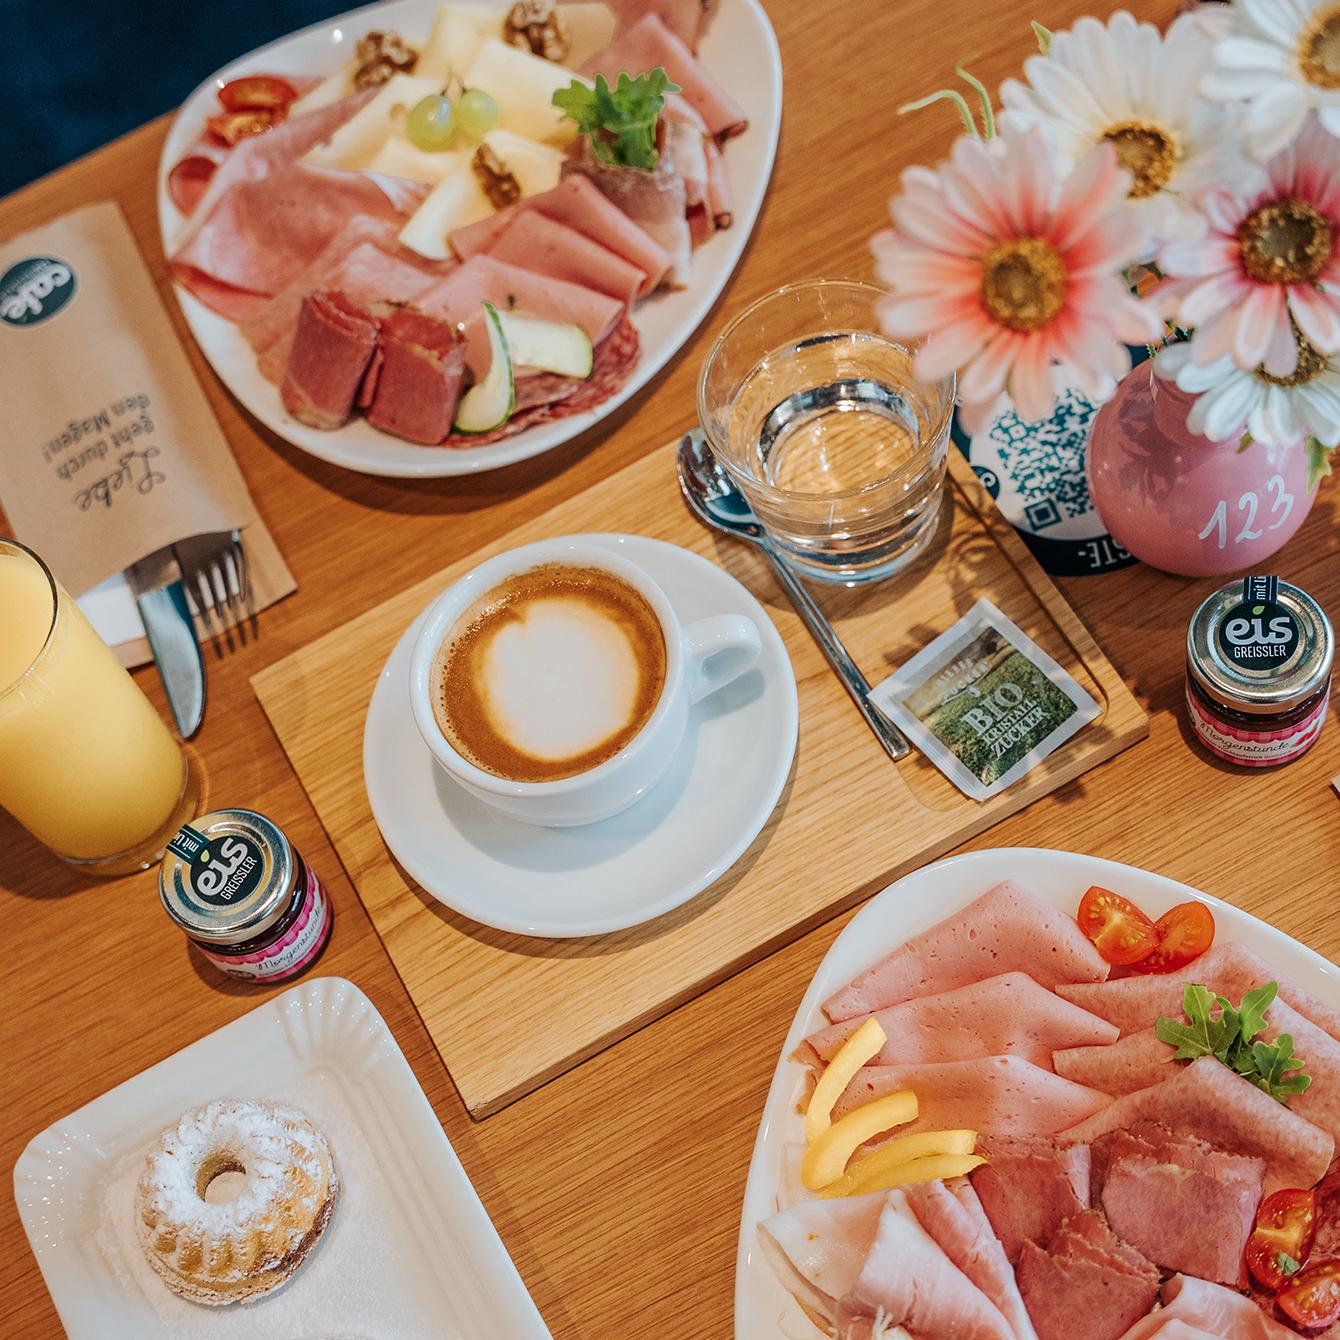 Frühstück - täglich von 8:00 - 11:00 Uhr